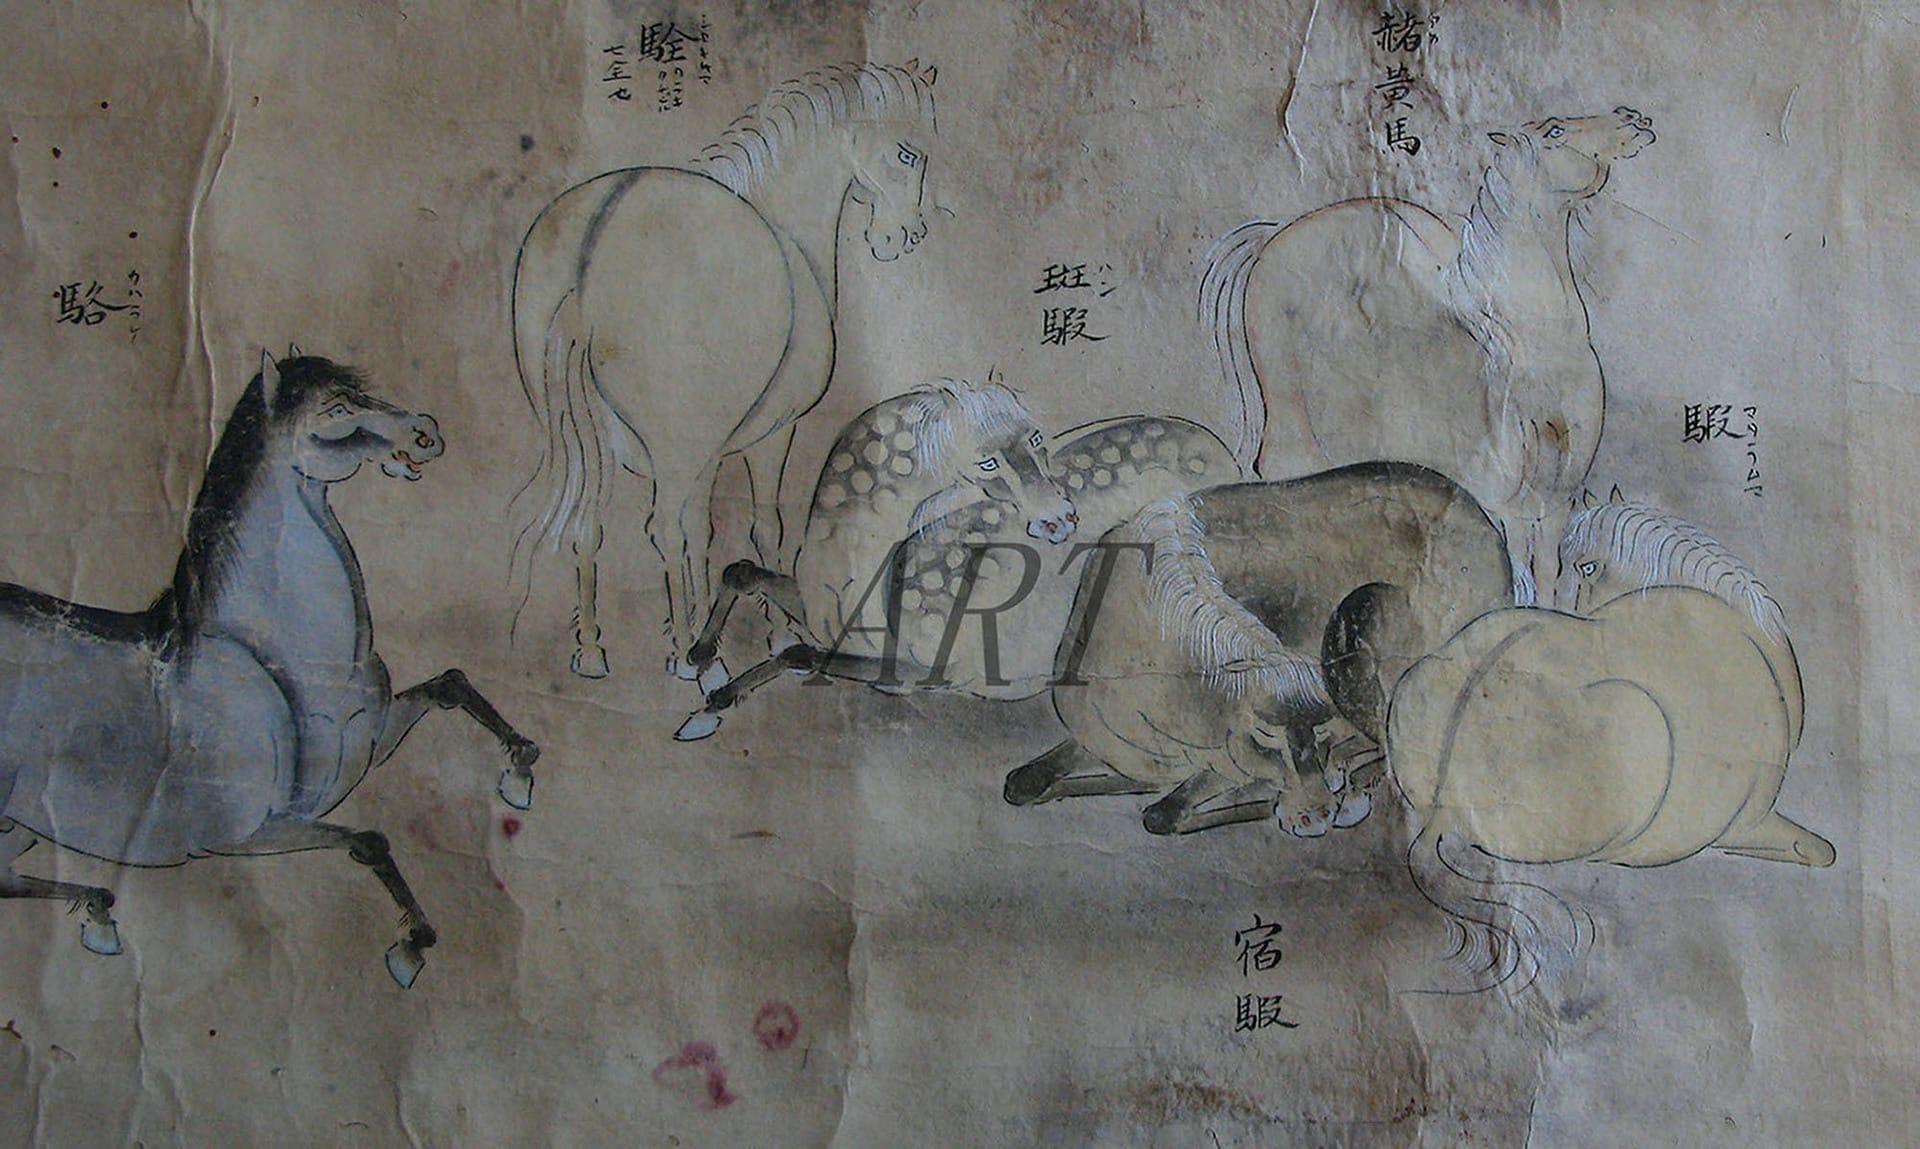 特別展「雪村-奇想の誕生-」 | アートテラー・とに~の【ここにしかない美術室】